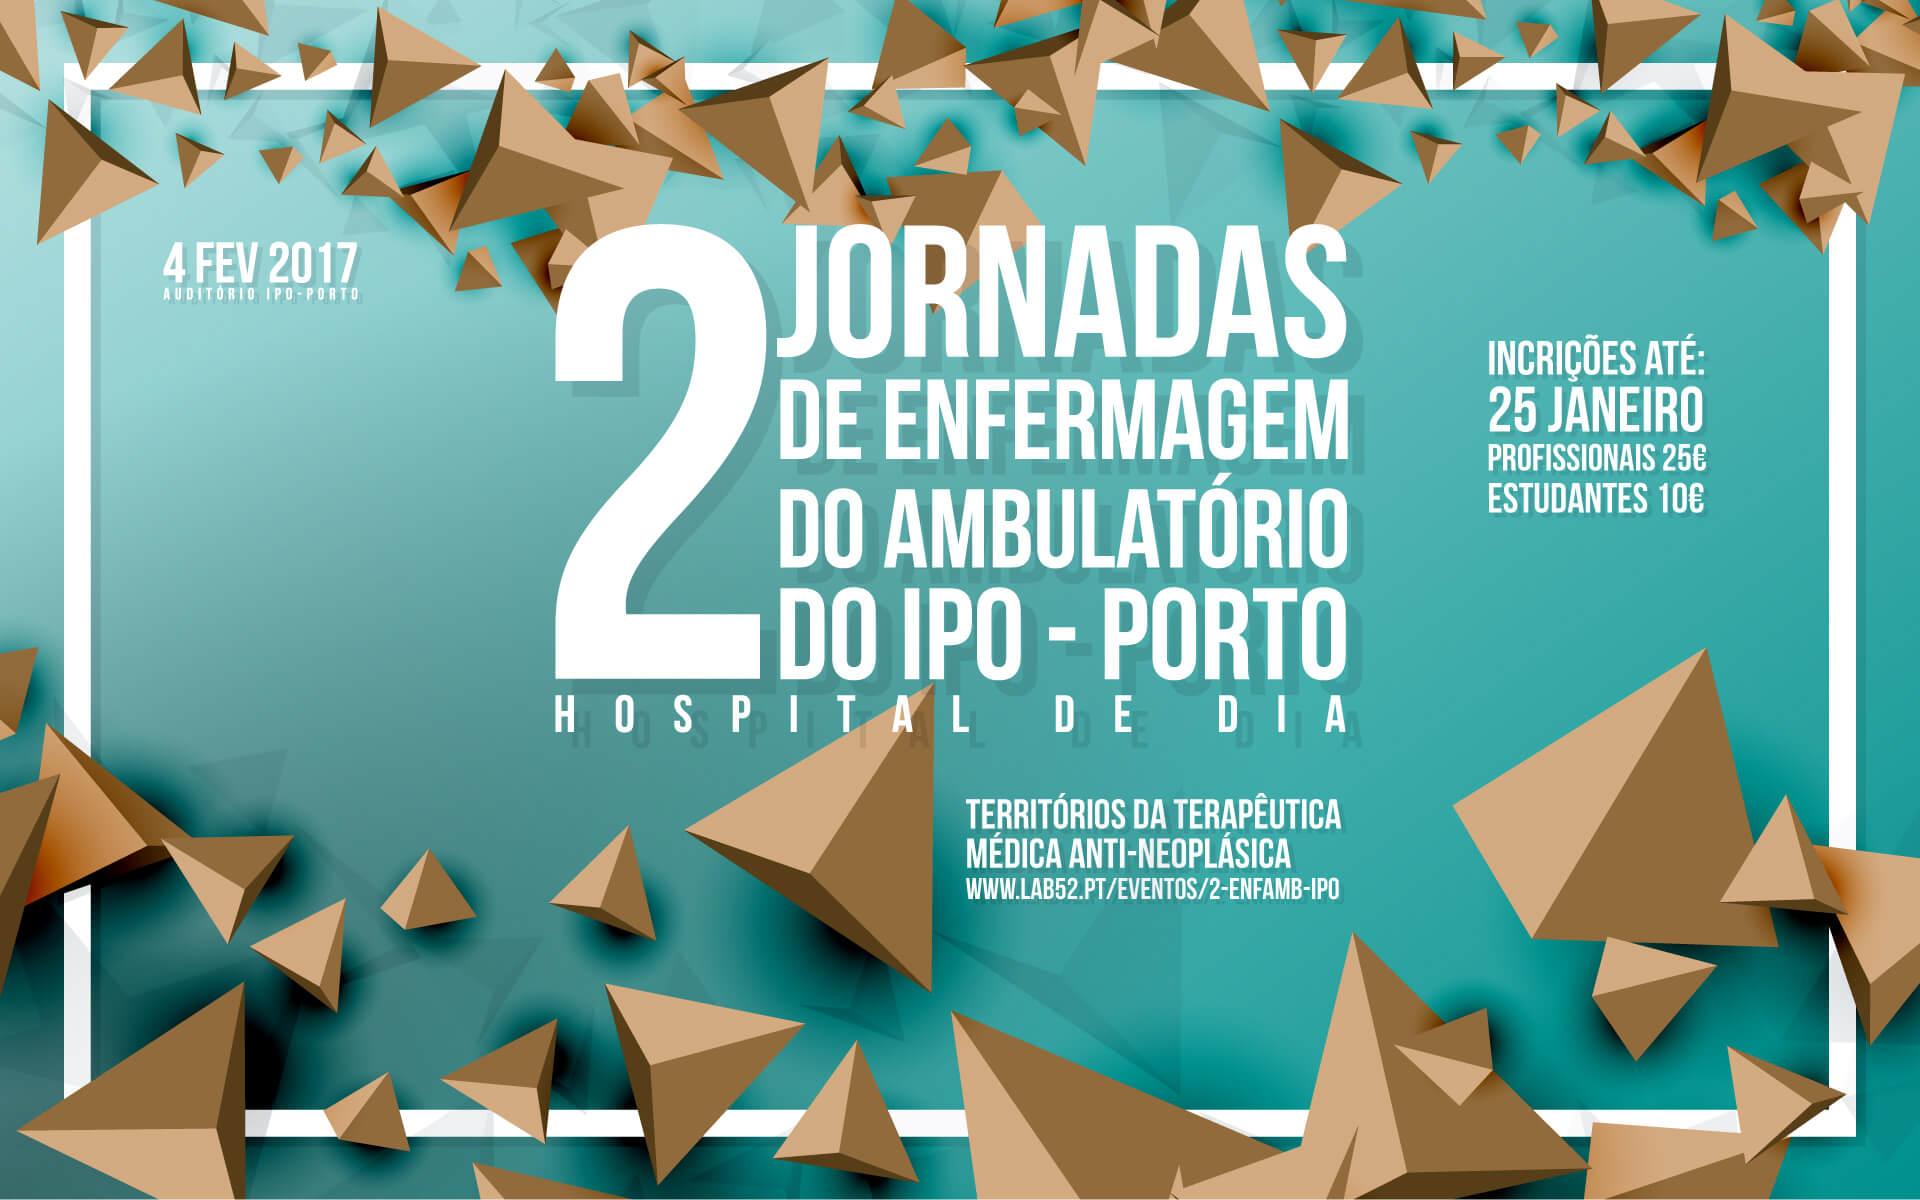 IIJornadas de Enfermagem do Ambulatório do IPO-Porto